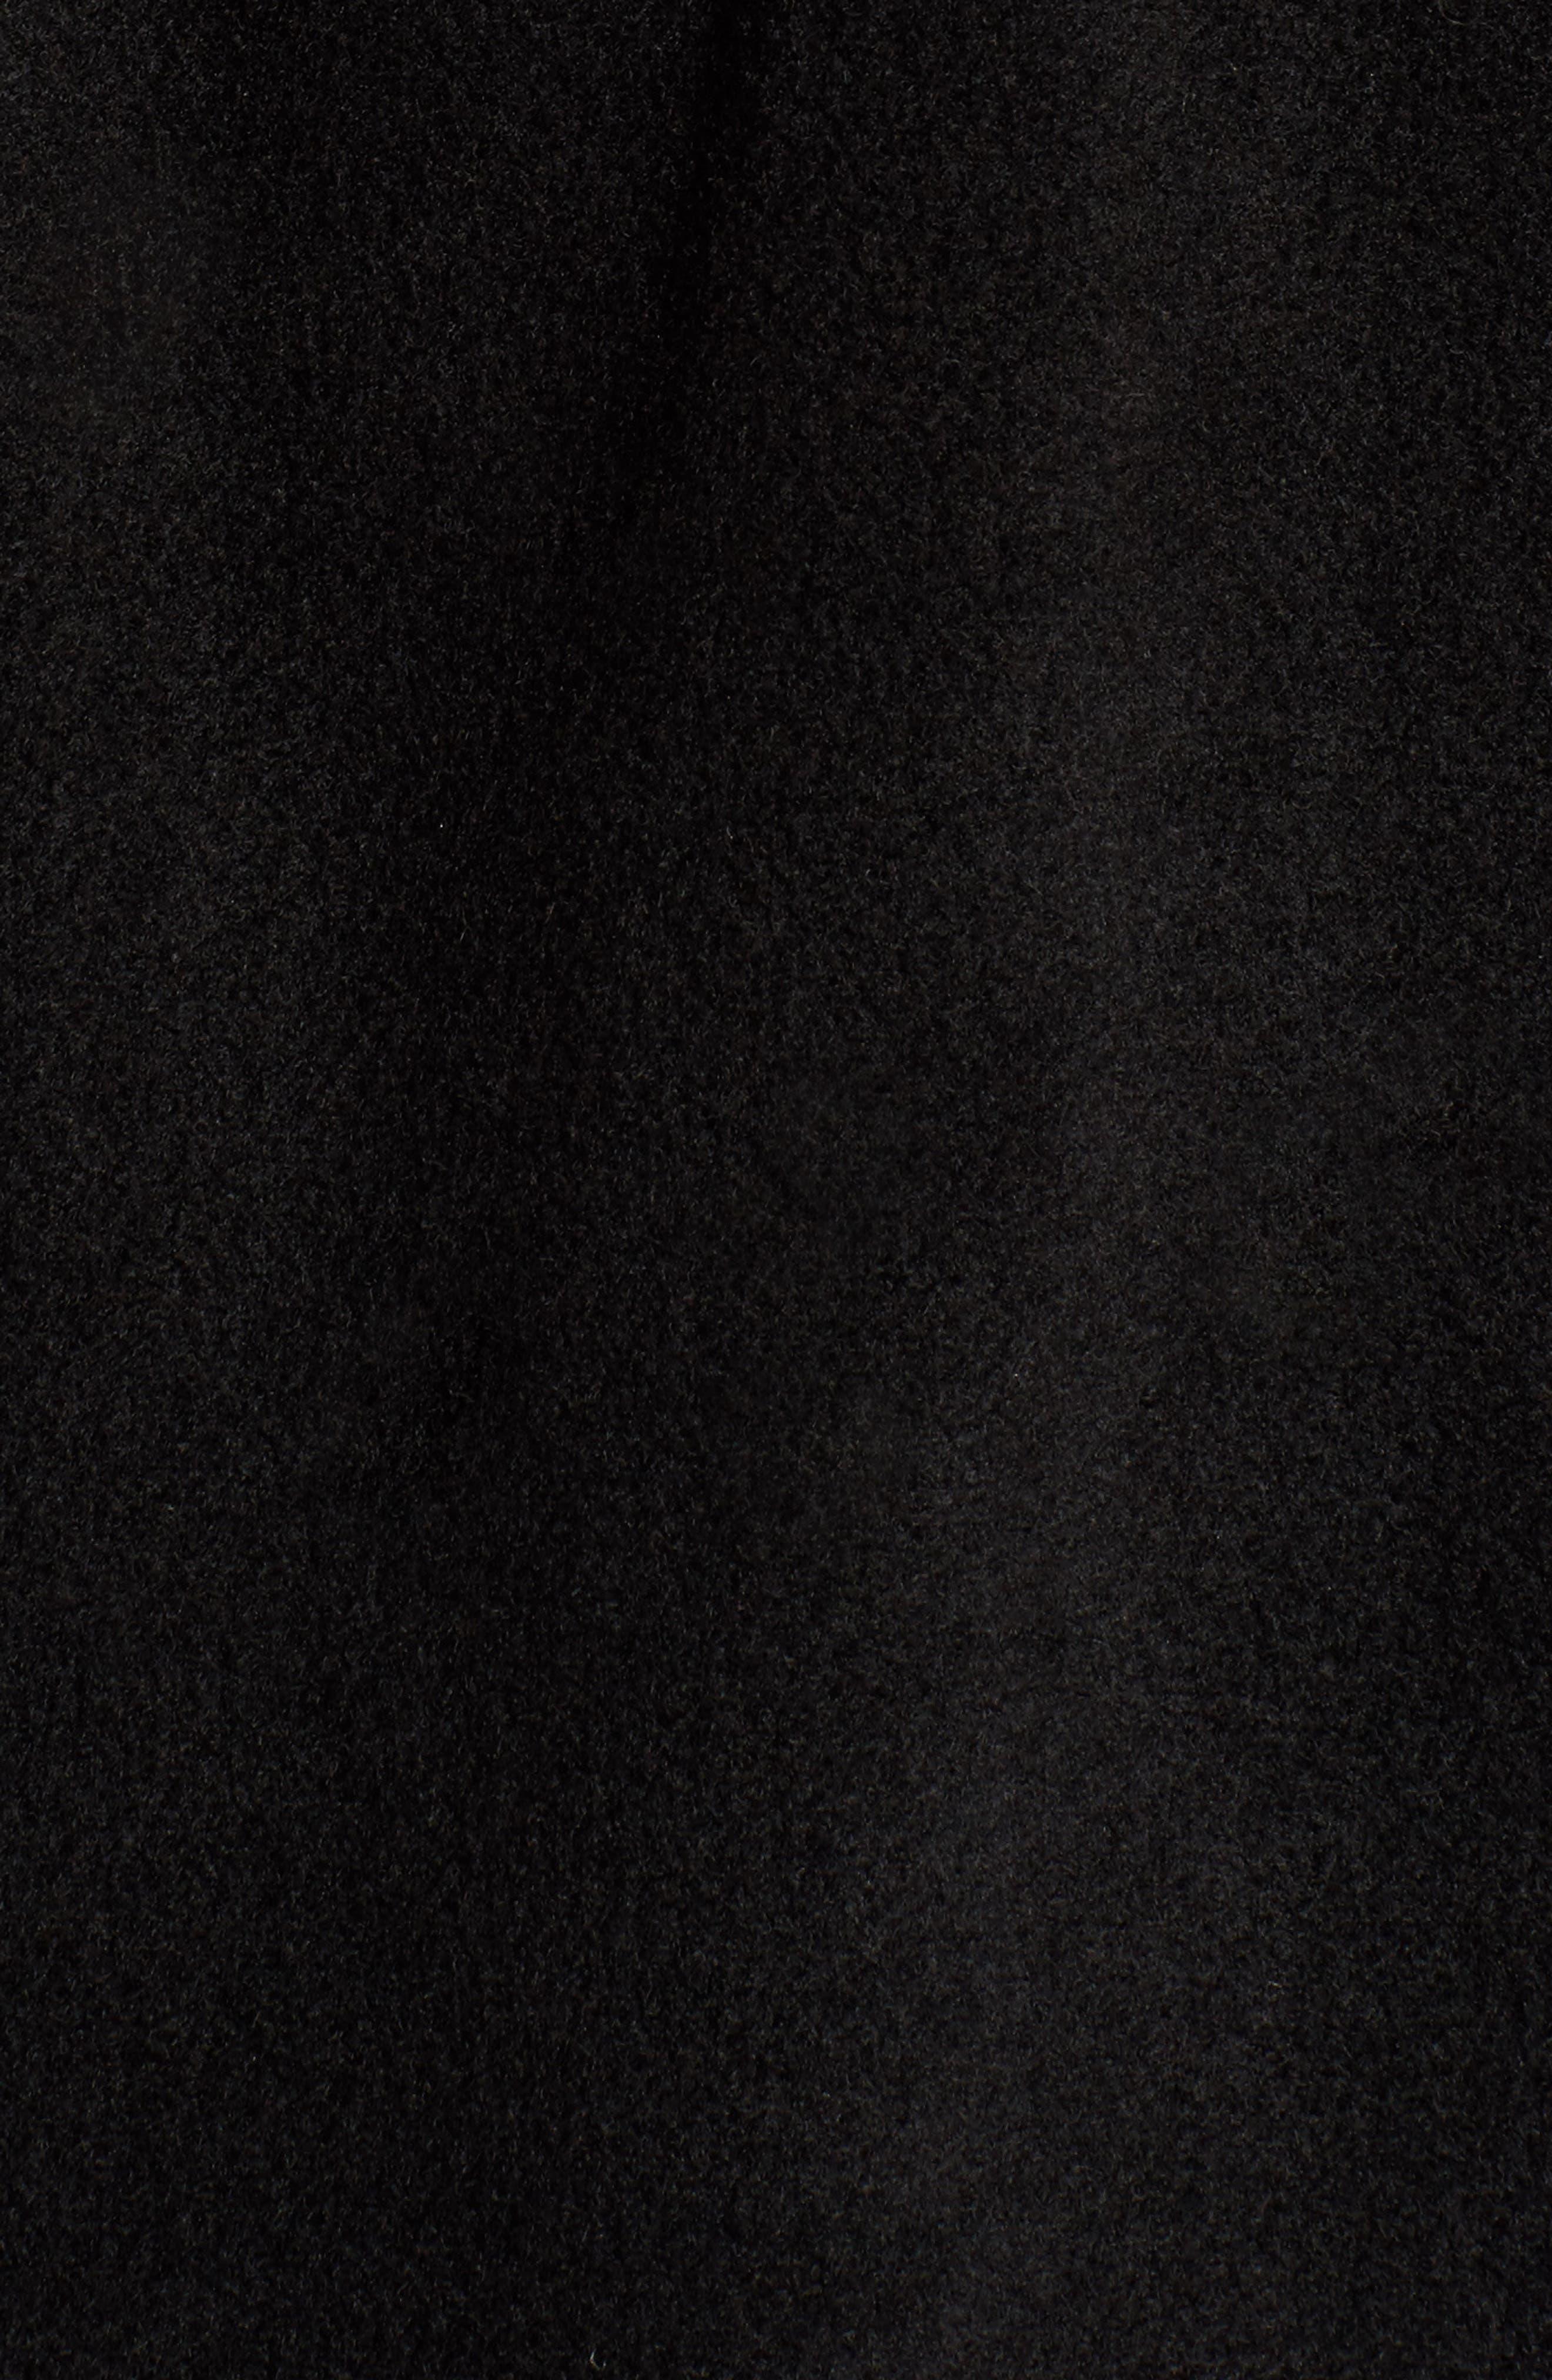 Chelsea Cape with Faux Fur Trim,                             Alternate thumbnail 5, color,                             Black/ Black Mink